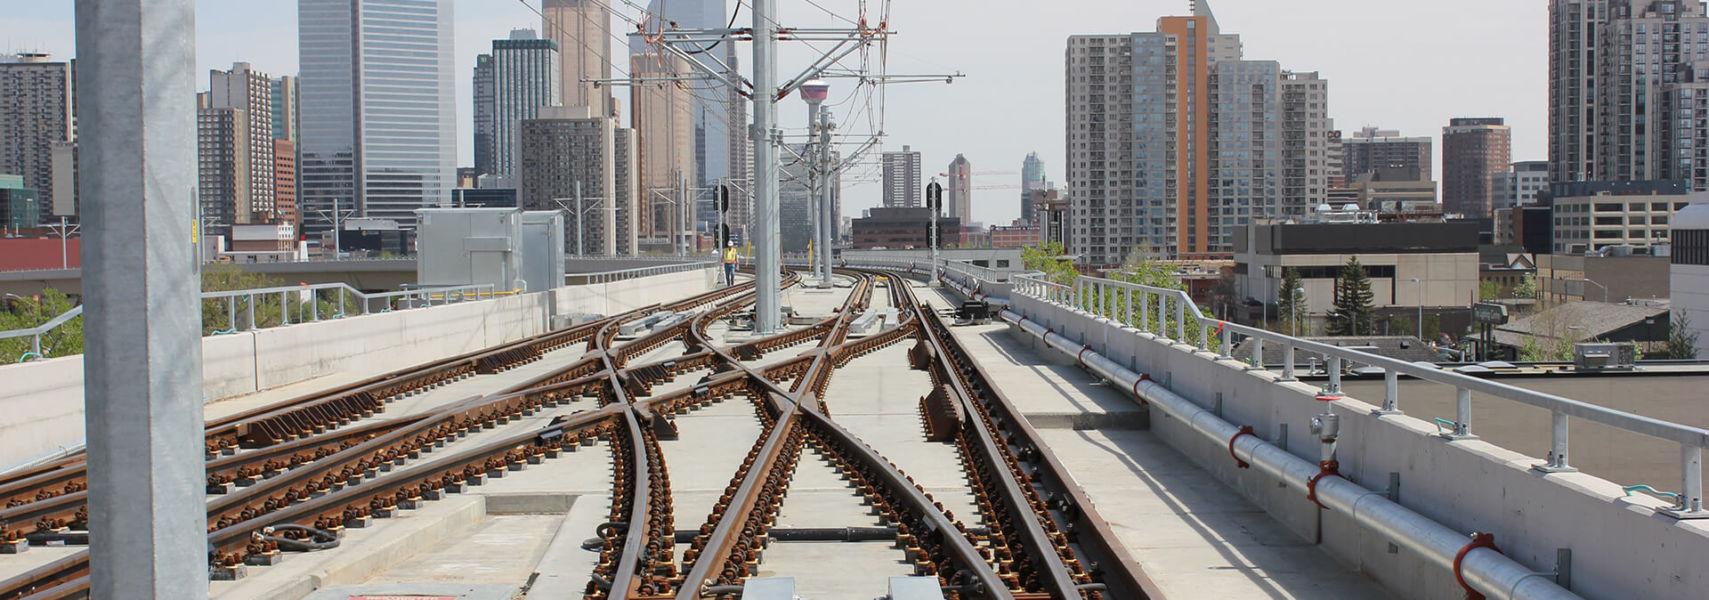 Transit Header Image